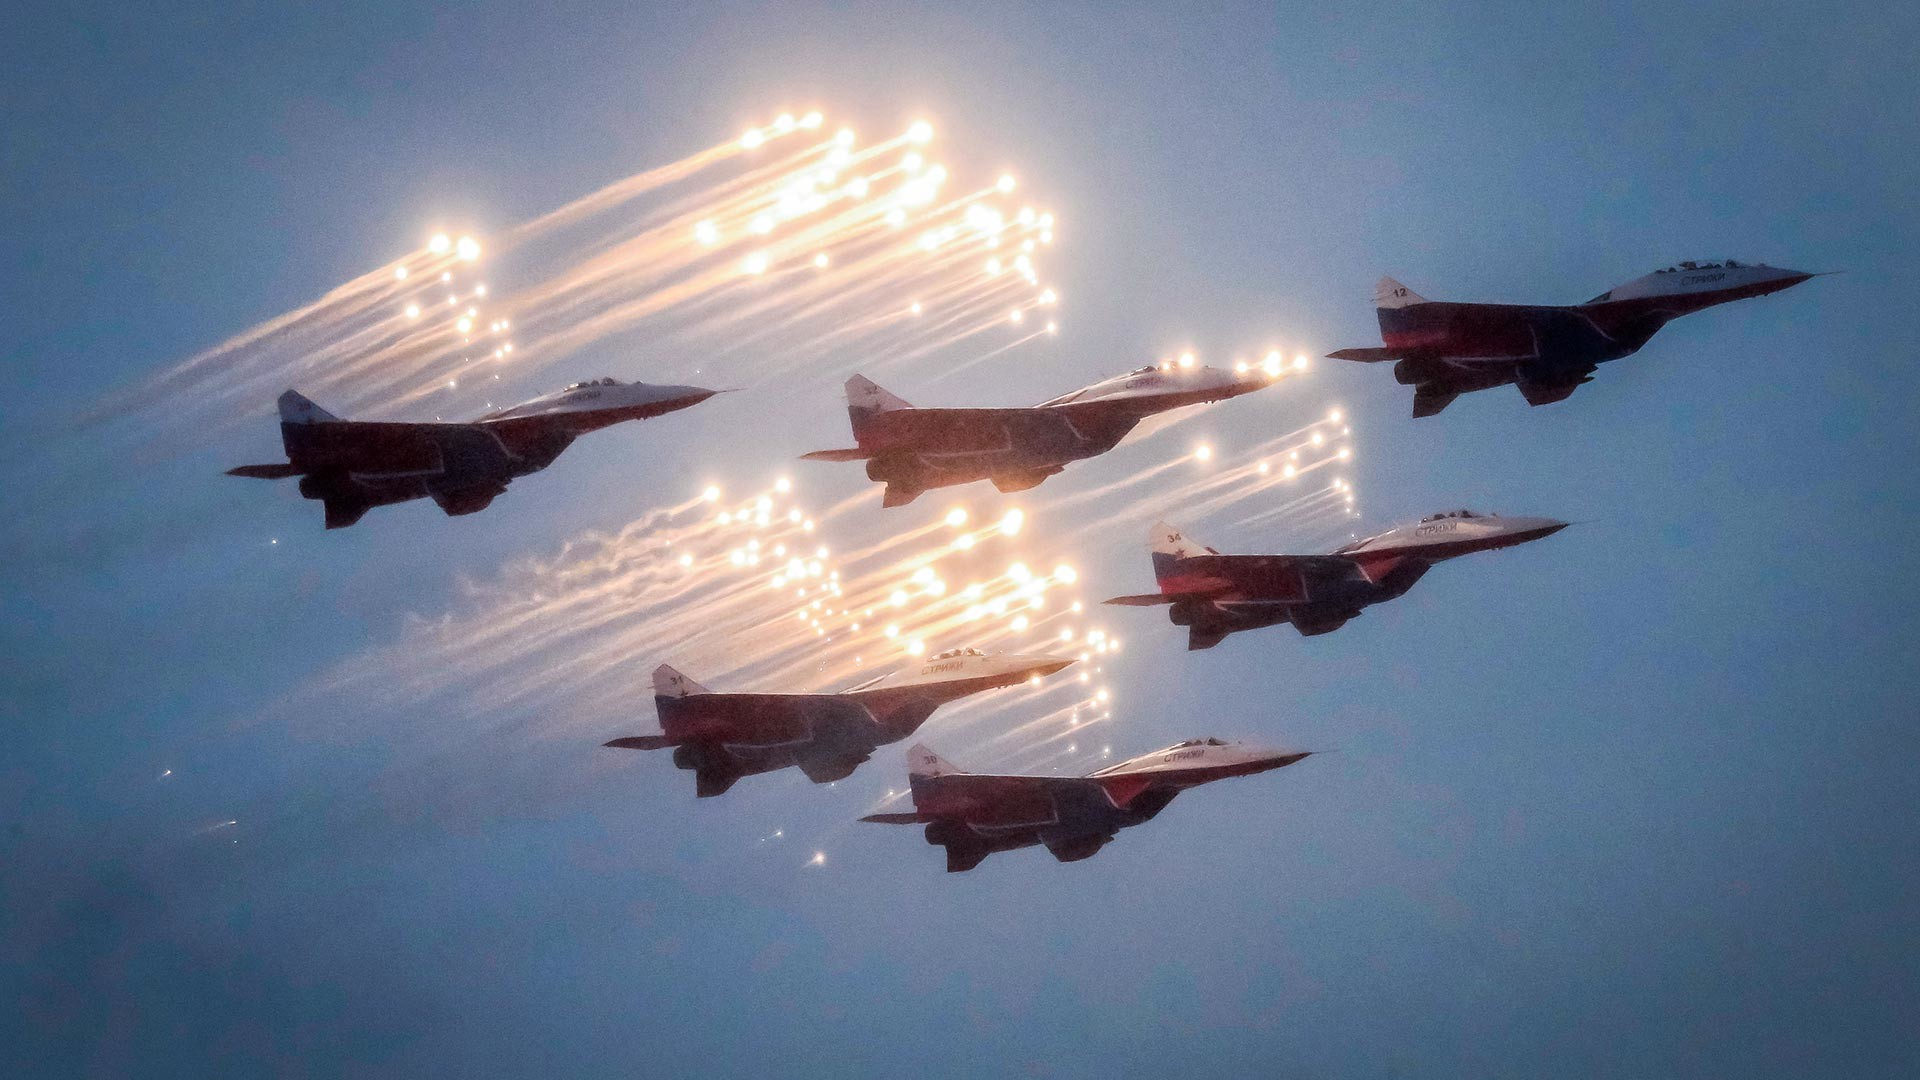 Striži med nastopom ob 75. obletnici osvoboditve Leningrada v drugi svetovni vojni